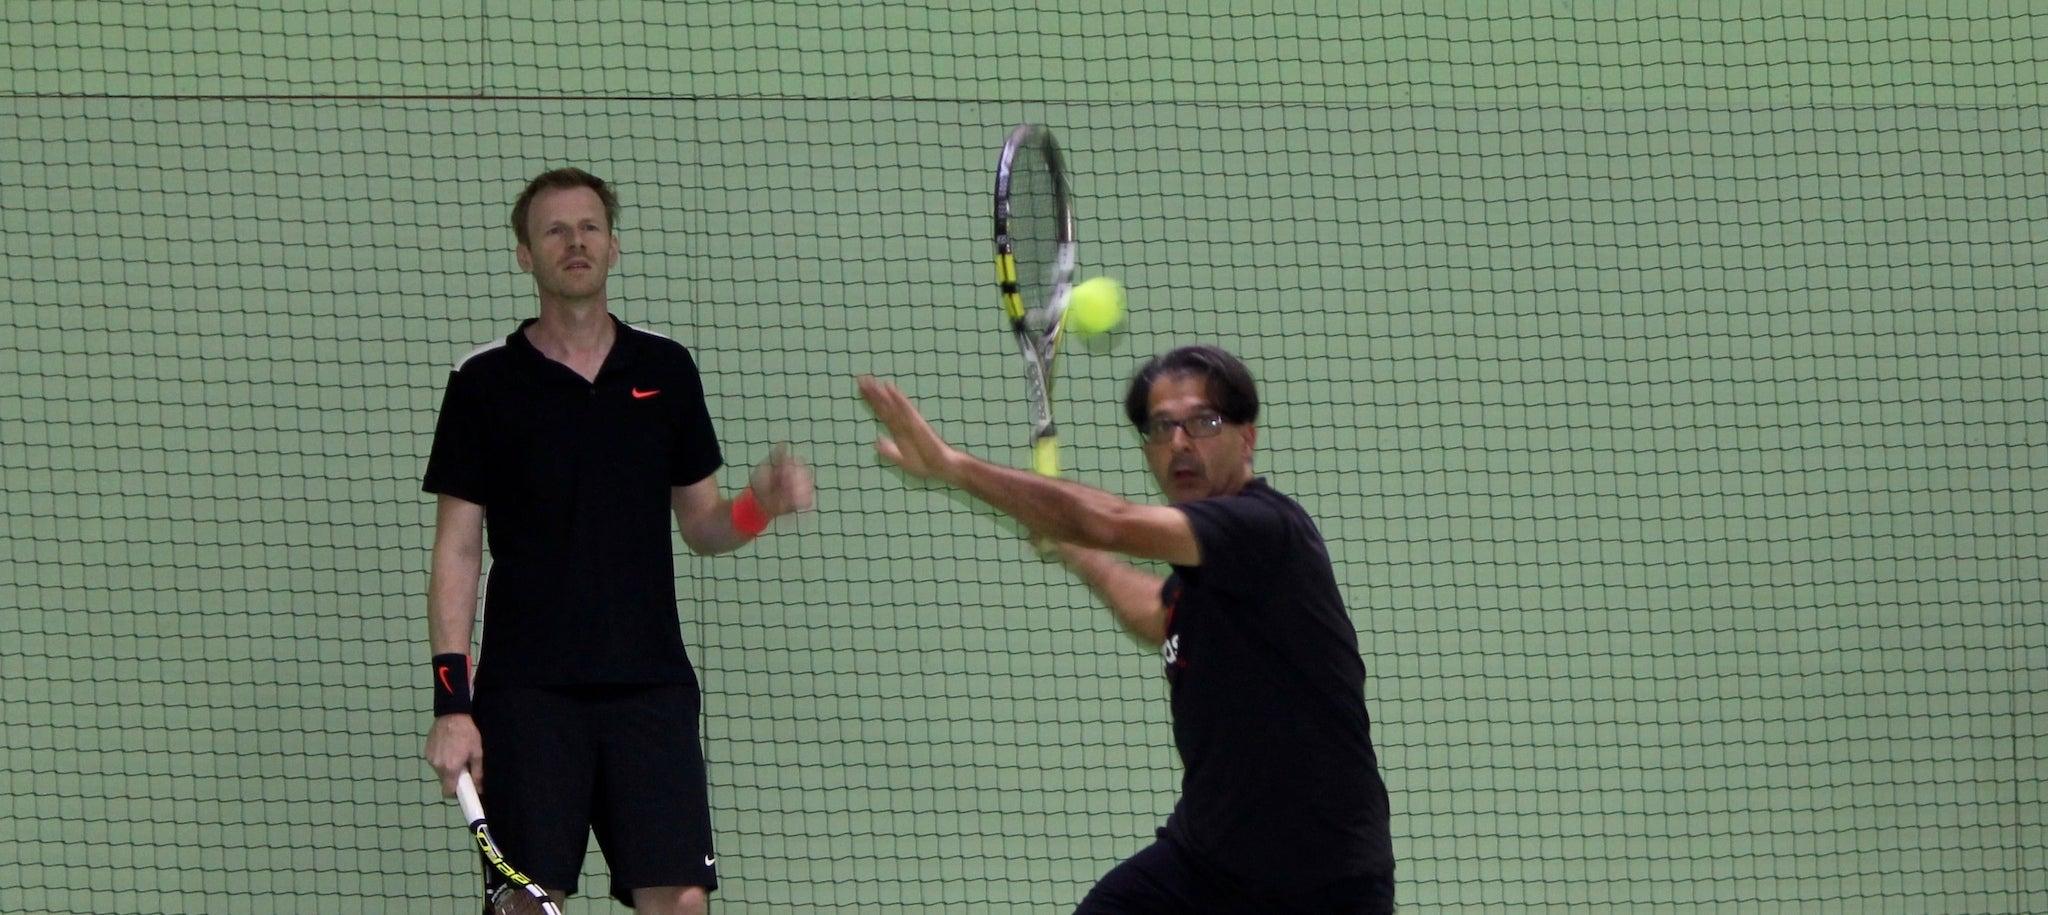 Erwachsene beim Tennistraining